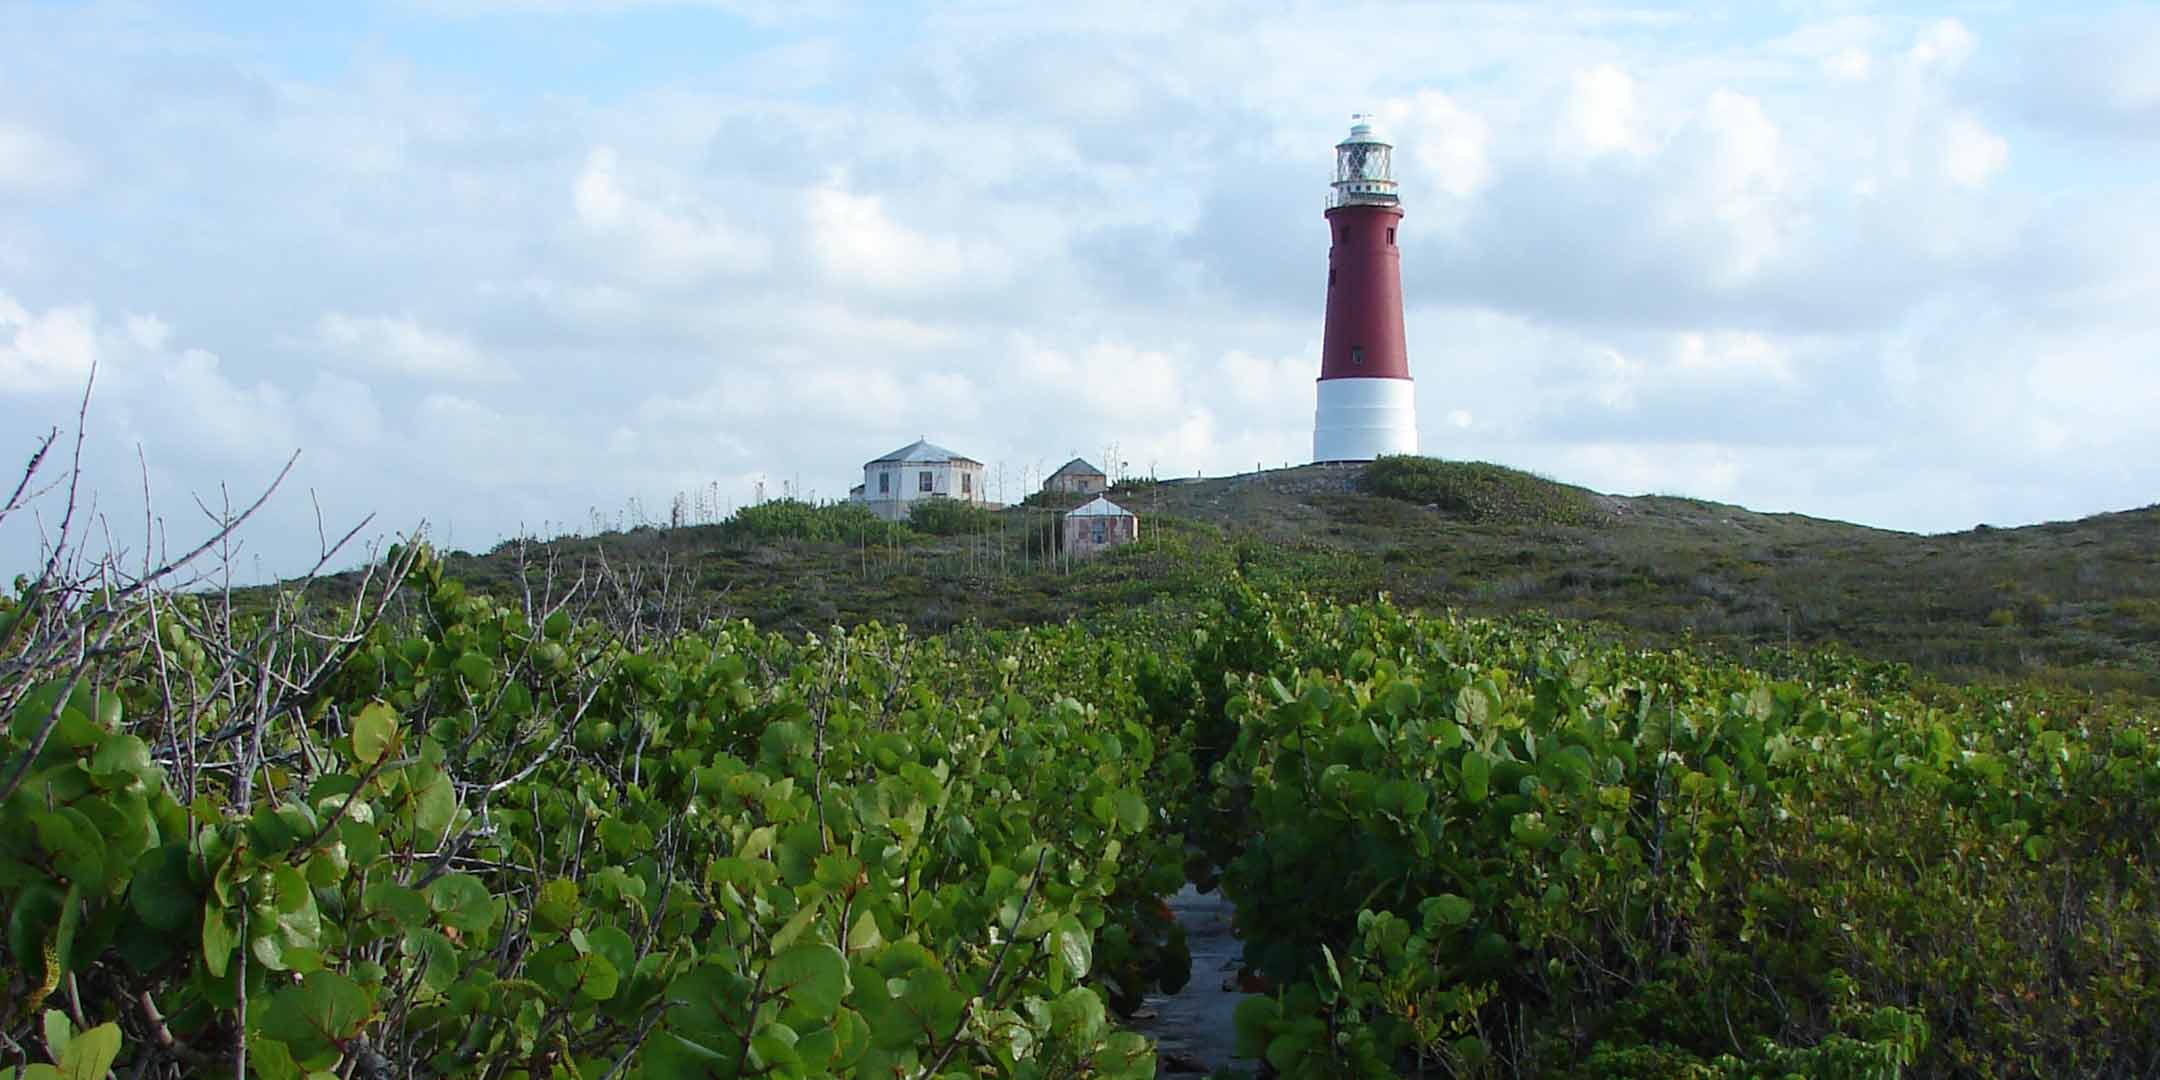 Abaco-Lighthouse-Image-Rectangle-2160x1080